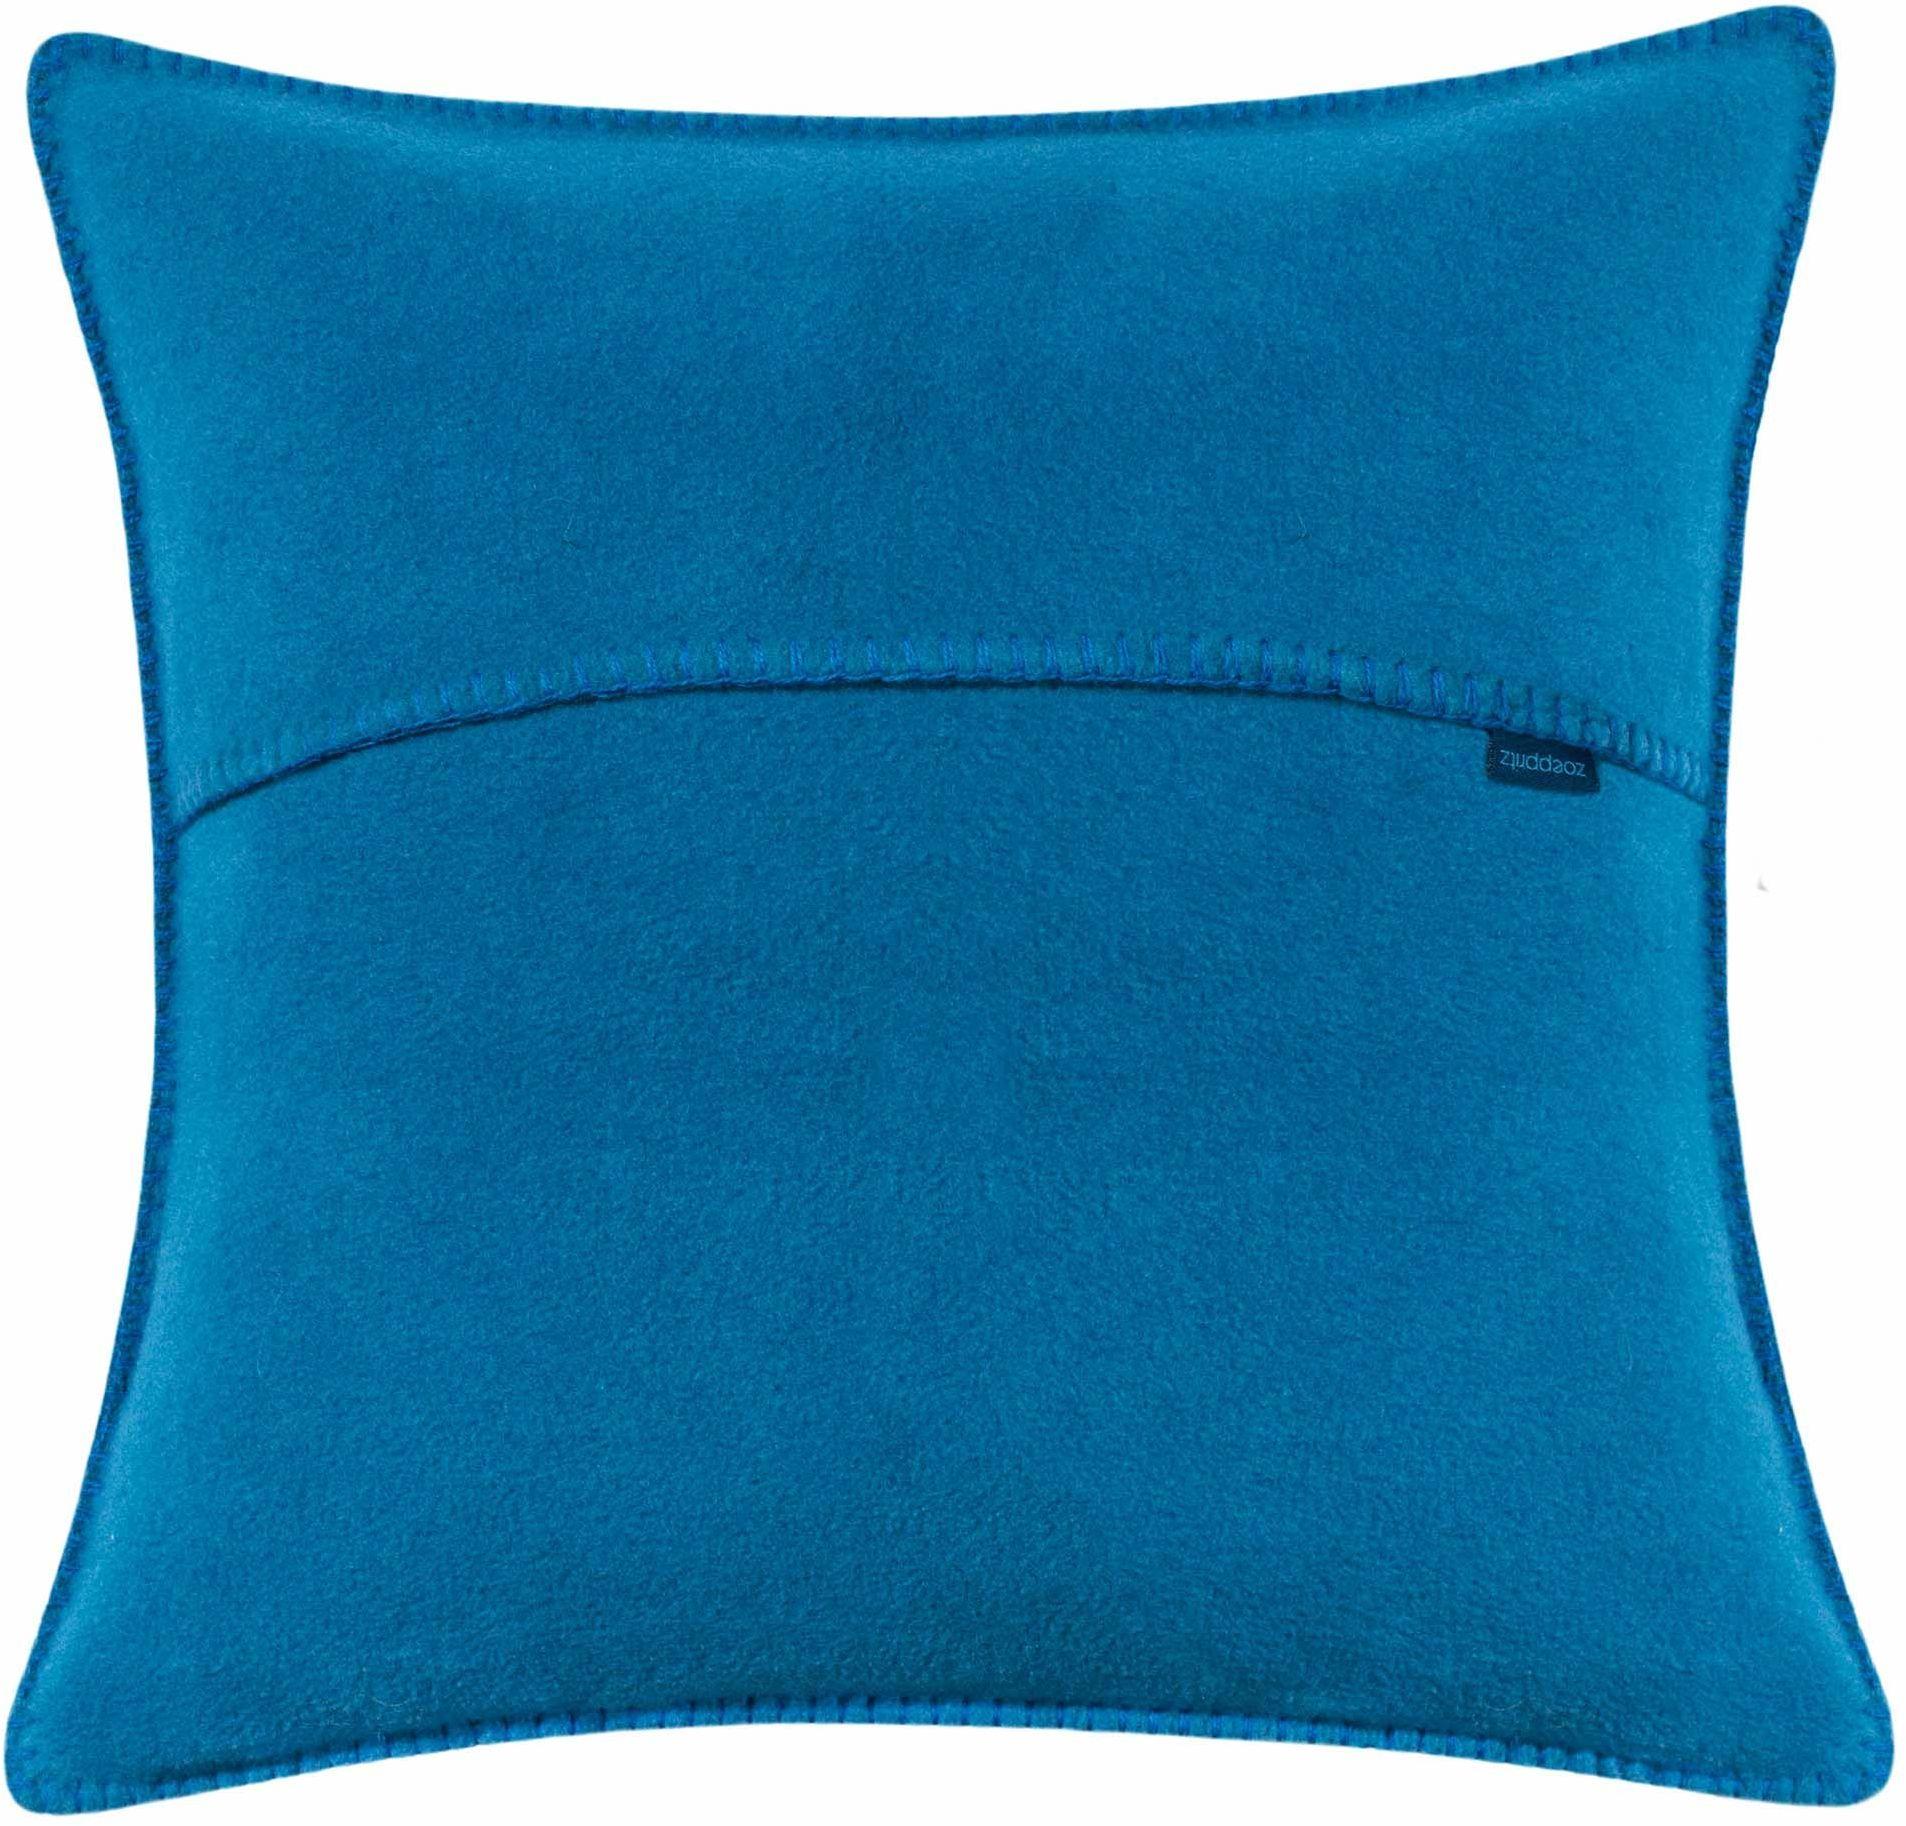 zoeppritz since 1828 miękki polar poduszka ozdobna, poduszka dekoracyjna, 65% poliester, 35% wiskoza, 760 curacao, 40 x 40 cm